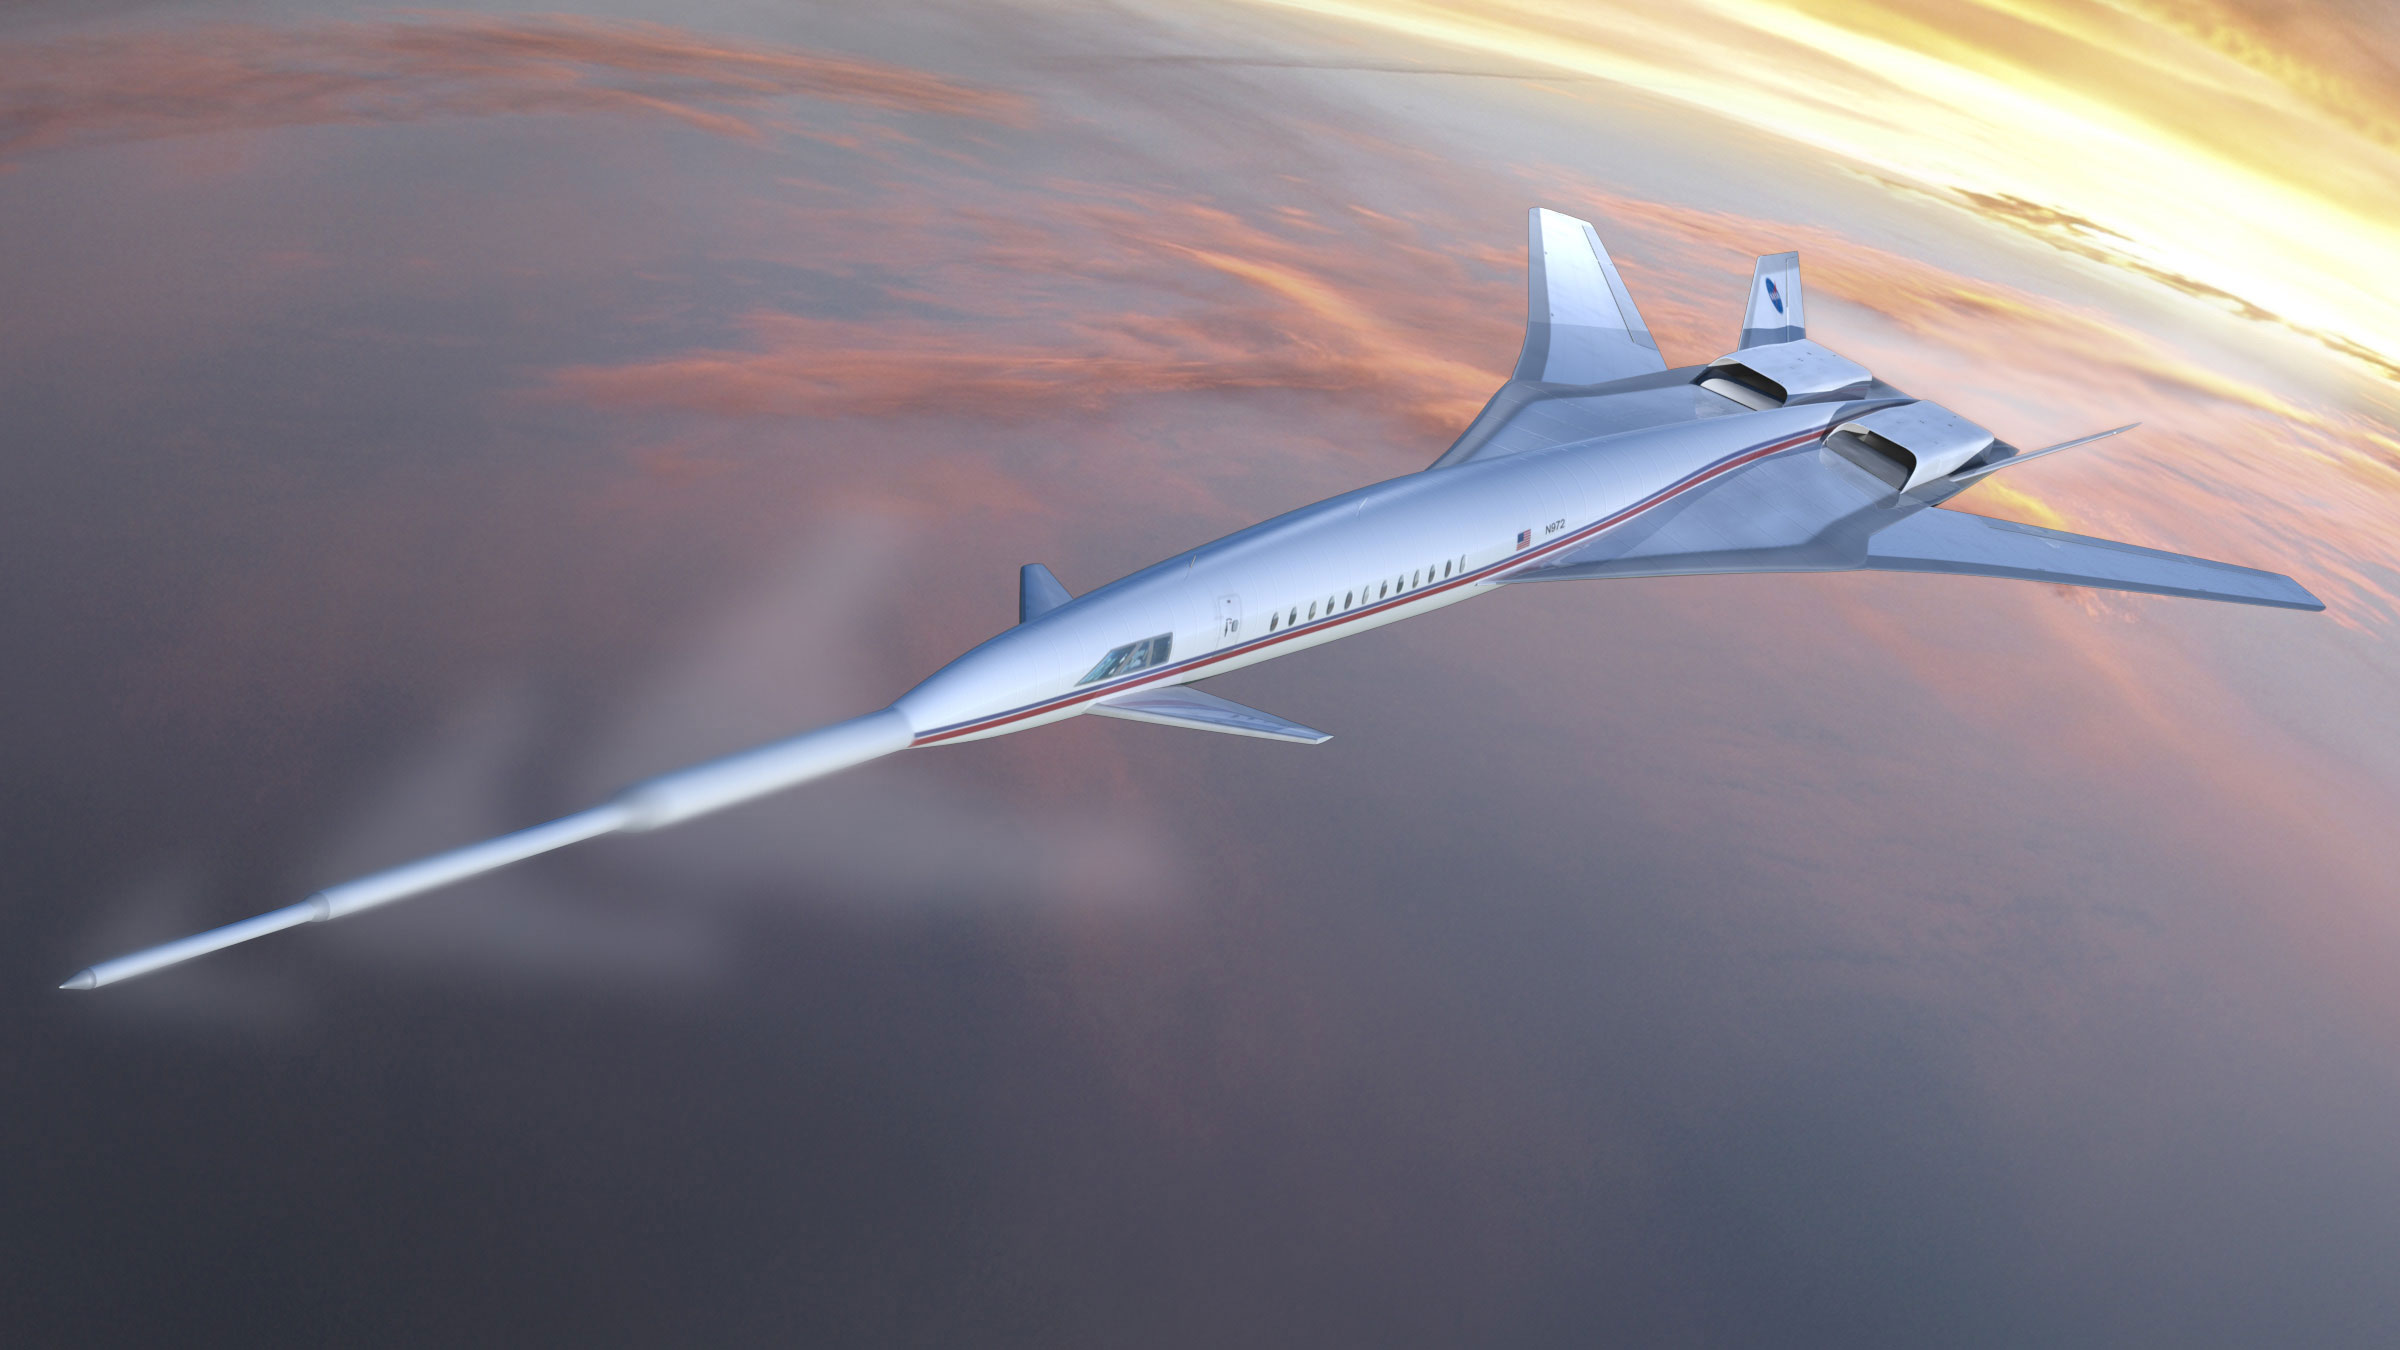 La NASA et la recherche pour réduire le bang supersonique - Page 3 510438main_vsp_2k2_2400x1350